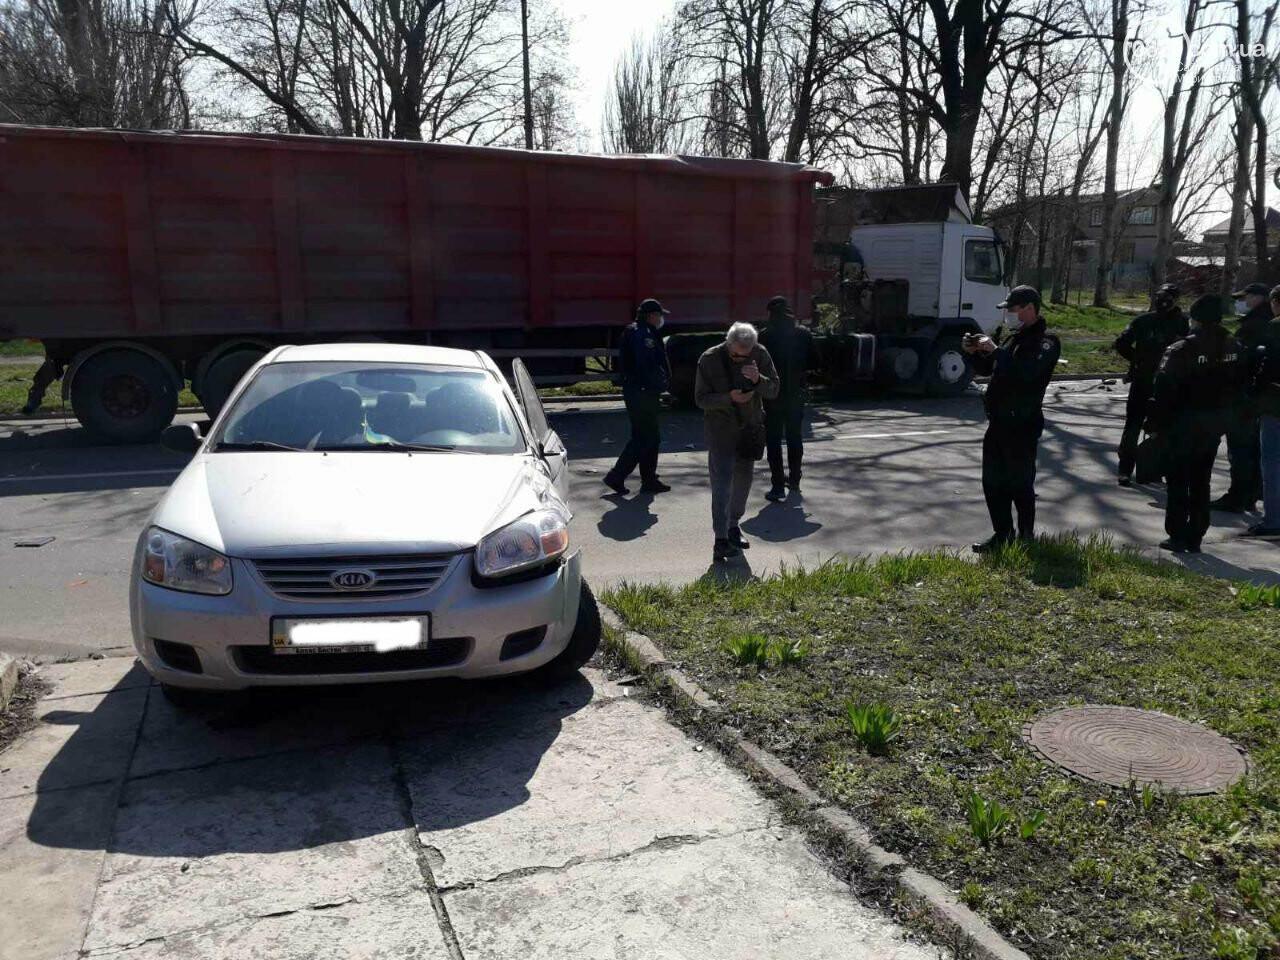 Тройное ДТП с пострадавшими. В Мариуполе столкнулись две легковушки и грузовик,  - ФОТО, фото-11